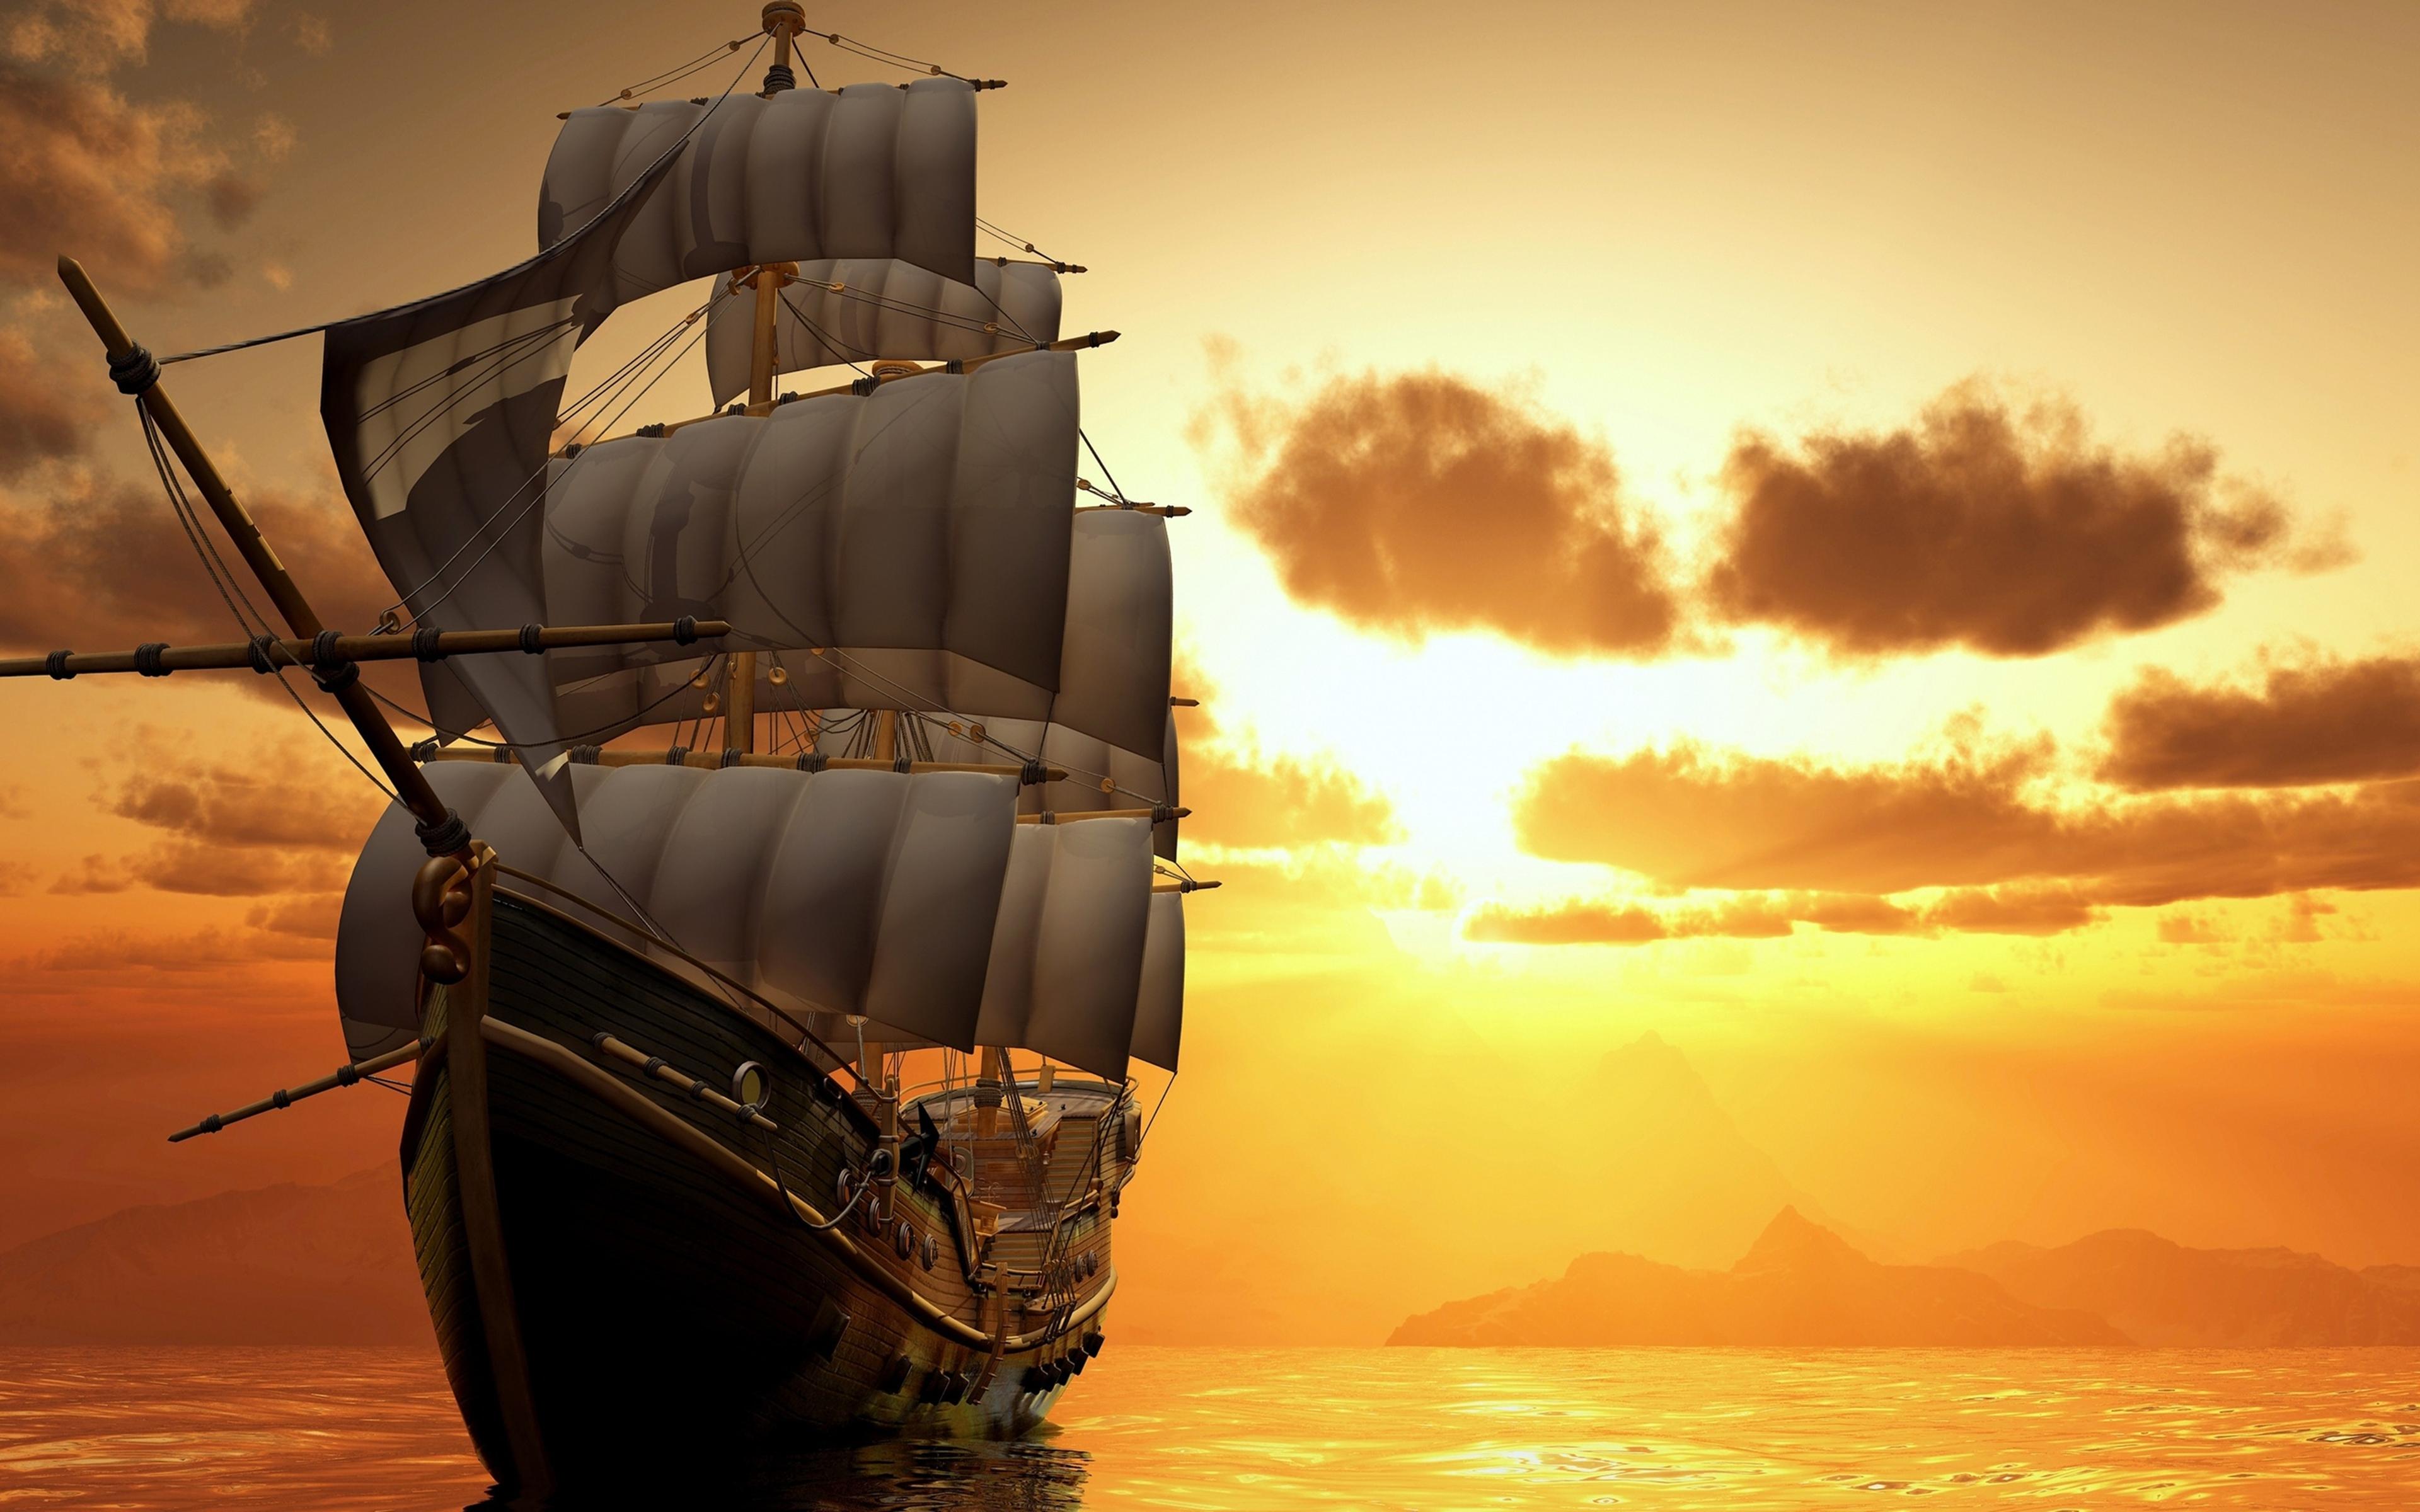 Tải ảnh thuyền buồm lúc bình minh